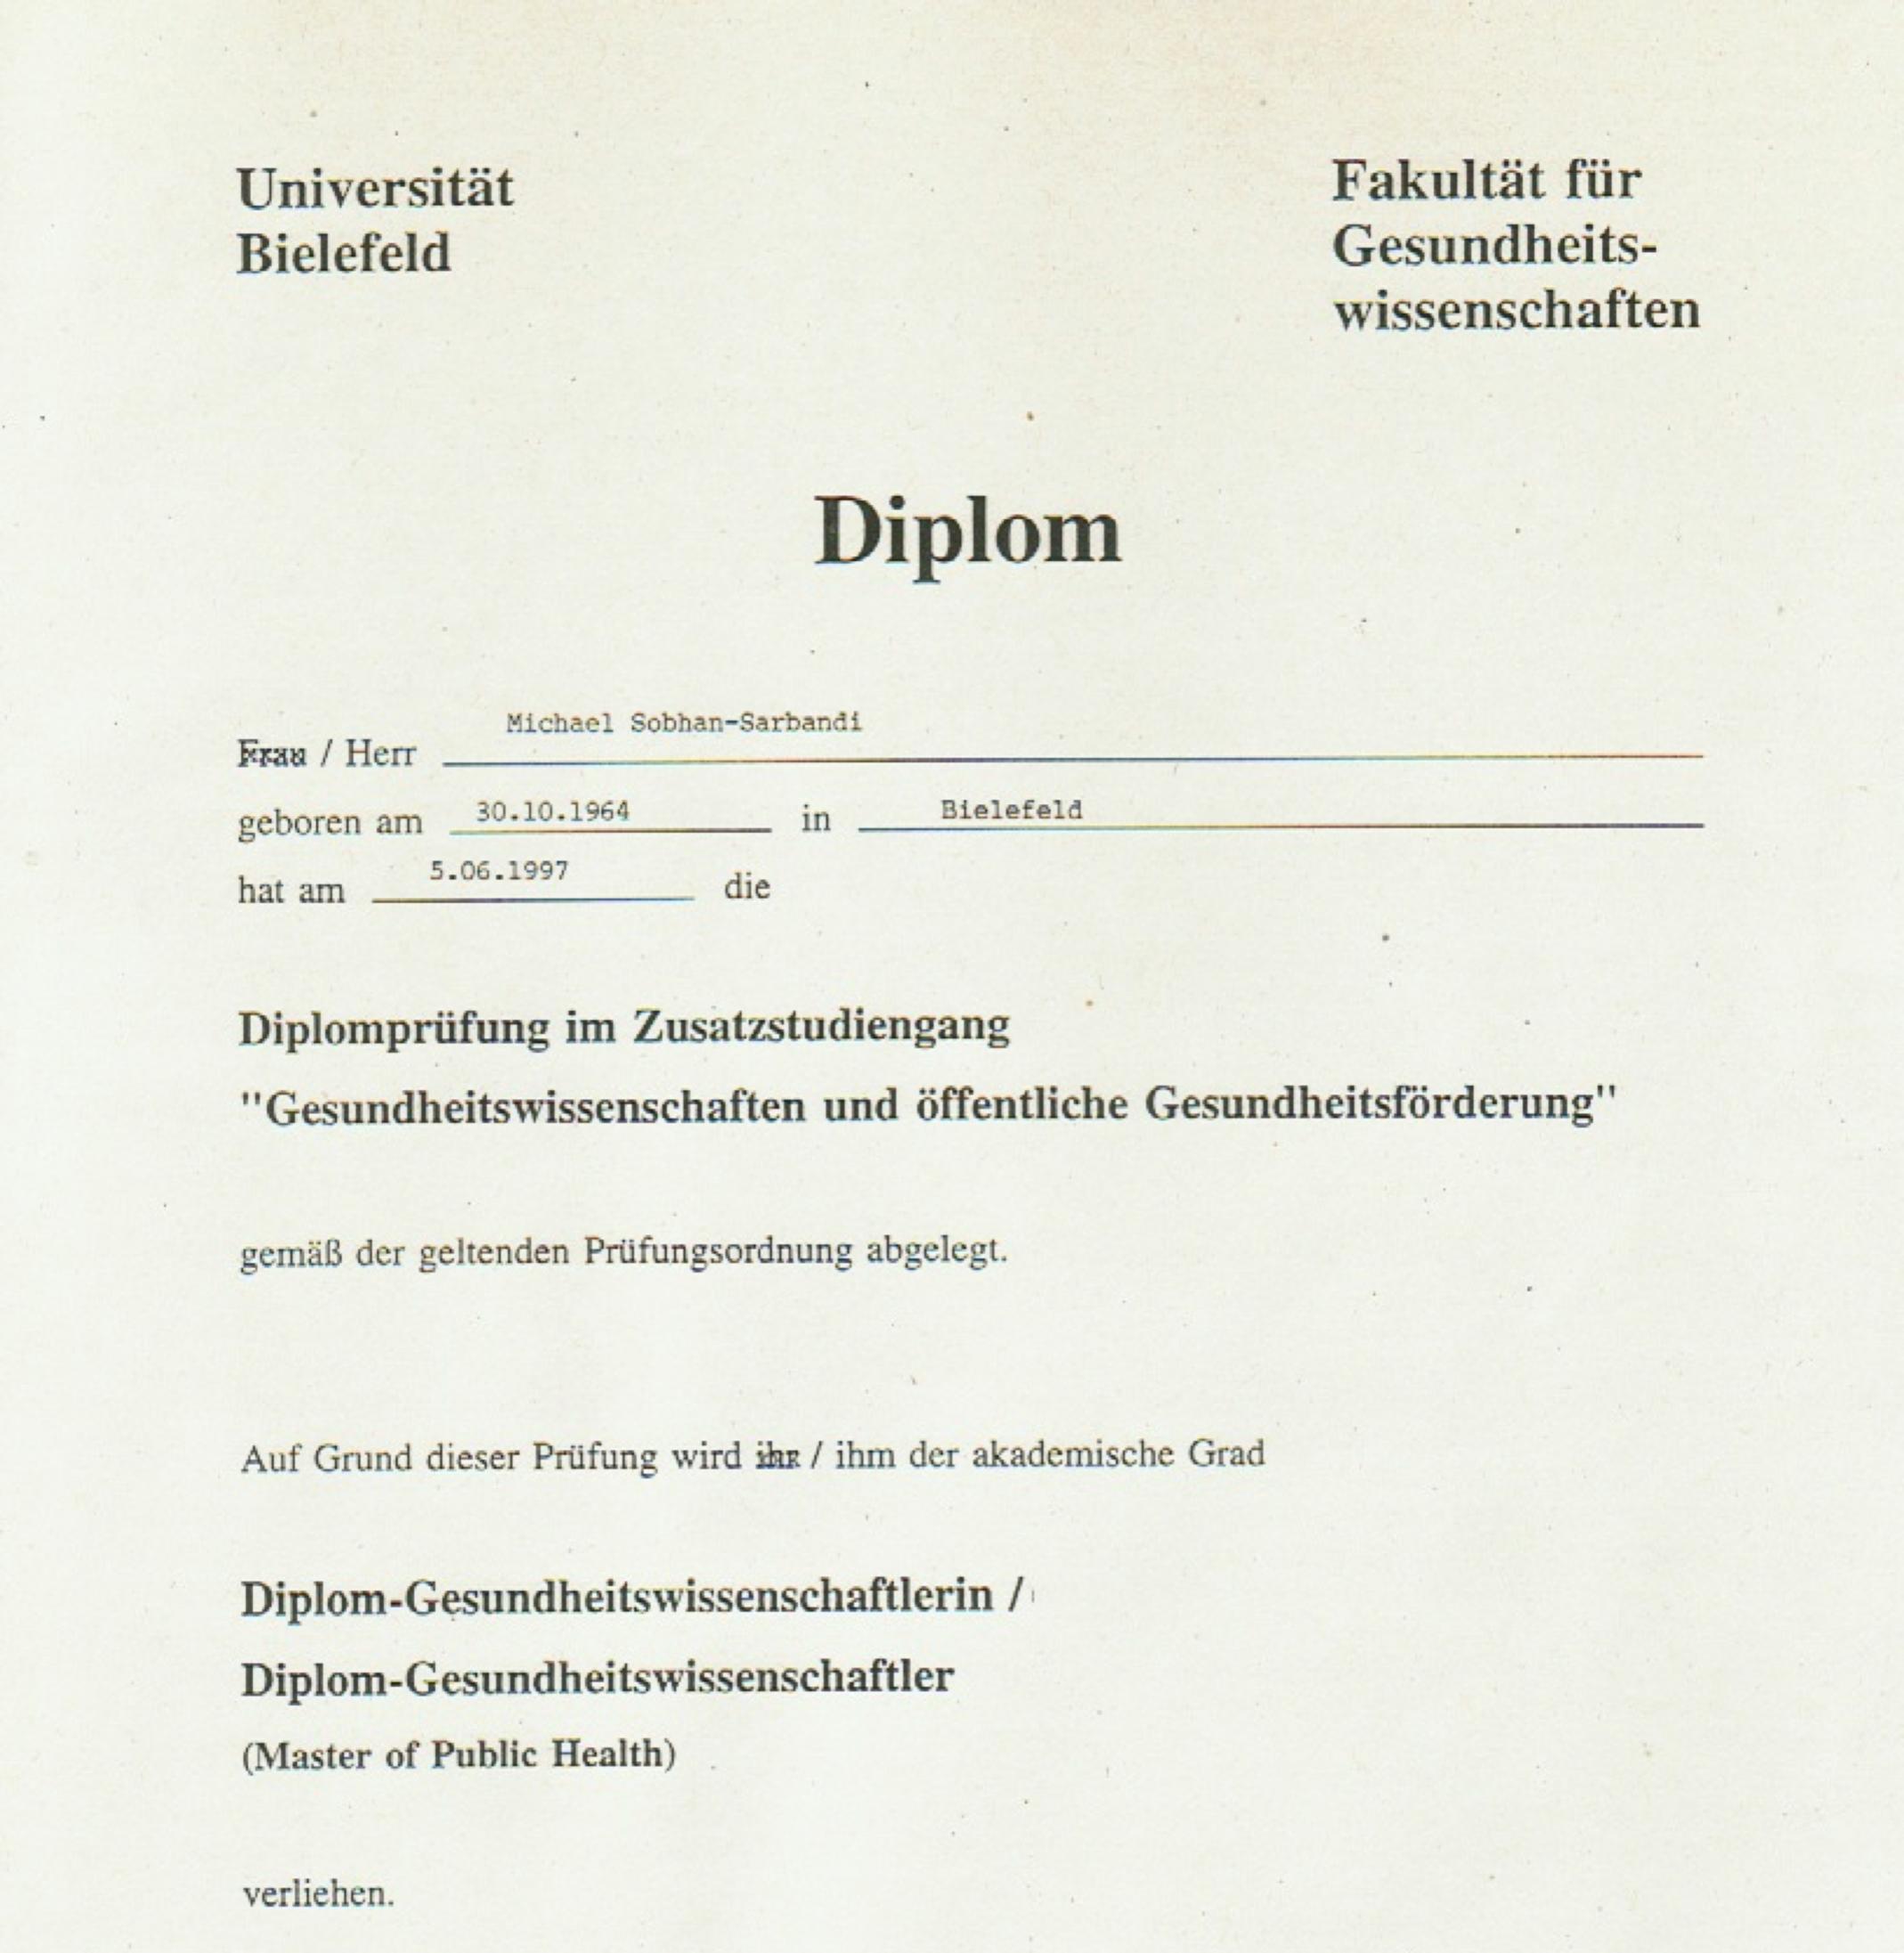 Gesundheitswissenschaften_Diplom_